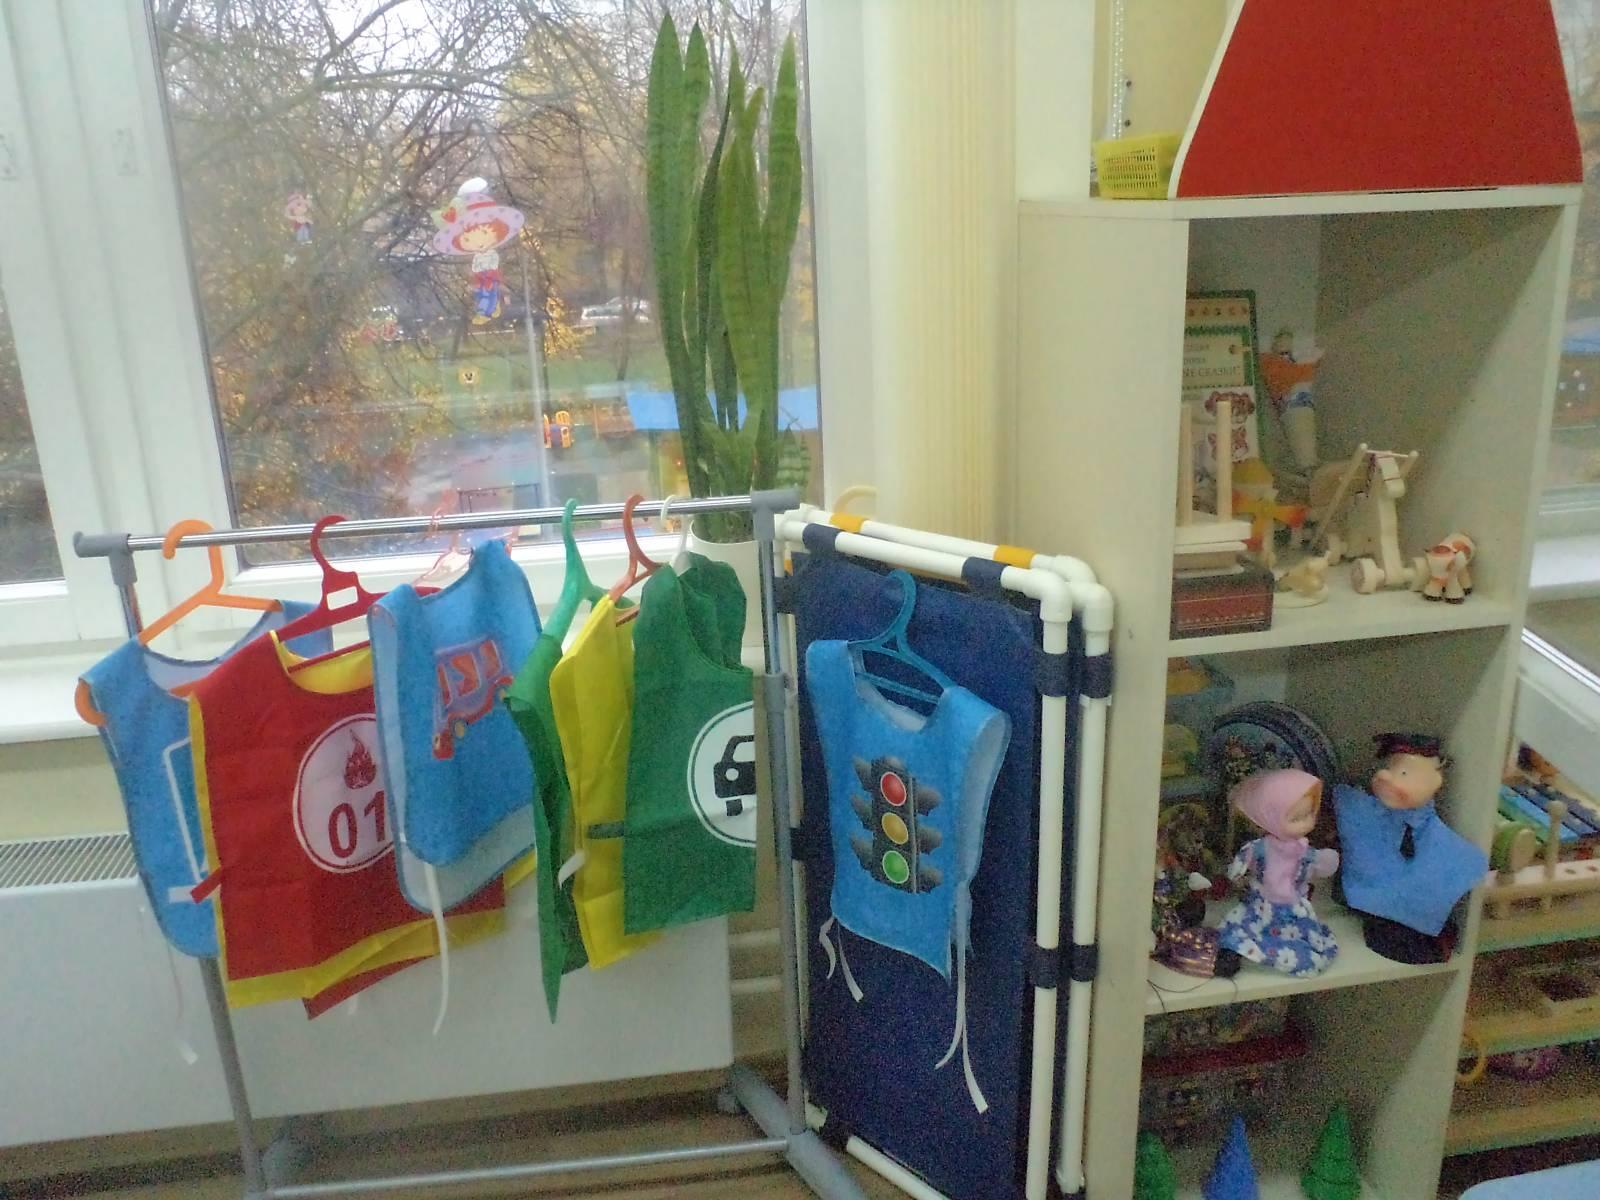 Уголки в детском саду: оформление по ФГОС фото - t 93